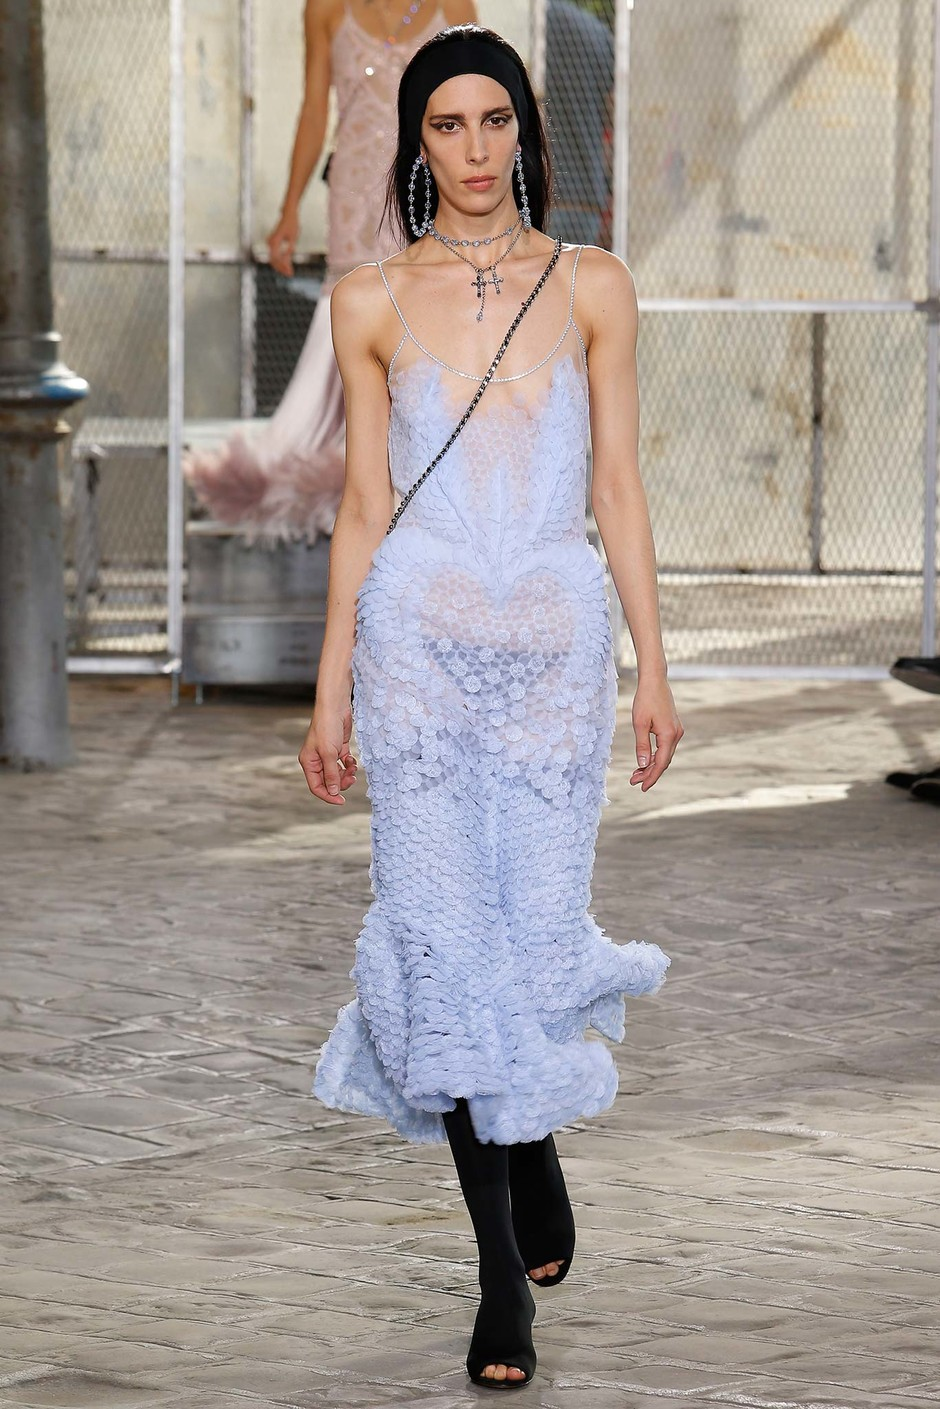 Джейми Бочерт на показе Givenchy весна-лето 2016